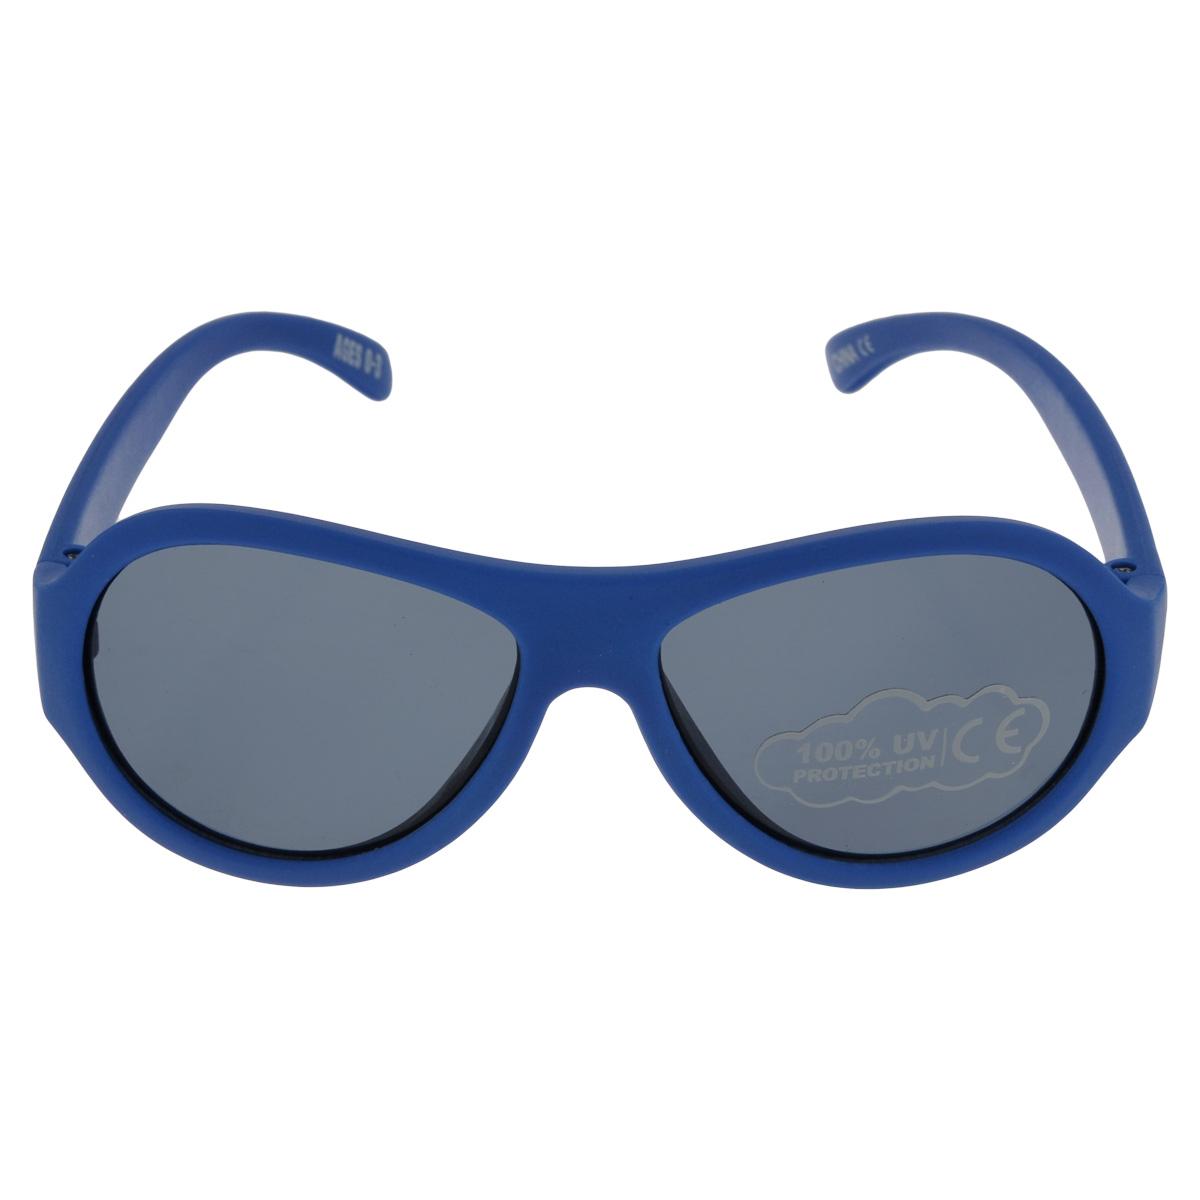 Детские солнцезащитные очки Babiators Ангелы (Angels), цвет: синий, 0-3 годаBM8434-58AEВы делаете все возможное, чтобы ваши дети были здоровы и в безопасности. Шлемы для езды на велосипеде, солнцезащитный крем для прогулок на солнце... Но как насчет влияния солнца на глаза вашего ребенка? Правда в том, что сетчатка глаза у детей развивается вместе с самим ребенком. Это означает, что глаза малышей не могут отфильтровать УФ-излучение. Проблема понятна - детям нужна настоящая защита, чтобы глазки были в безопасности, а зрение сильным.Каждая пара солнцезащитных очков Babiators для детей обеспечивает 100% защиту от UVA и UVB. Прочные линзы высшего качества из поликарбоната не подведут в самых сложных переделках. В отличие от обычных пластиковых очков, оправа Babiators выполнена из гибкого прорезиненного материала (термопластичного эластомера), что делает их ударопрочными, их можно сгибать и крутить - они не сломаются и вернутся в прежнюю форму. Не бойтесь, что ребенок сядет на них - они все выдержат. Будьте уверены, что очки Babiators созданы безопасными, прочными и классными, так что вы и ваш ребенок можете приступать к своим приключениям!